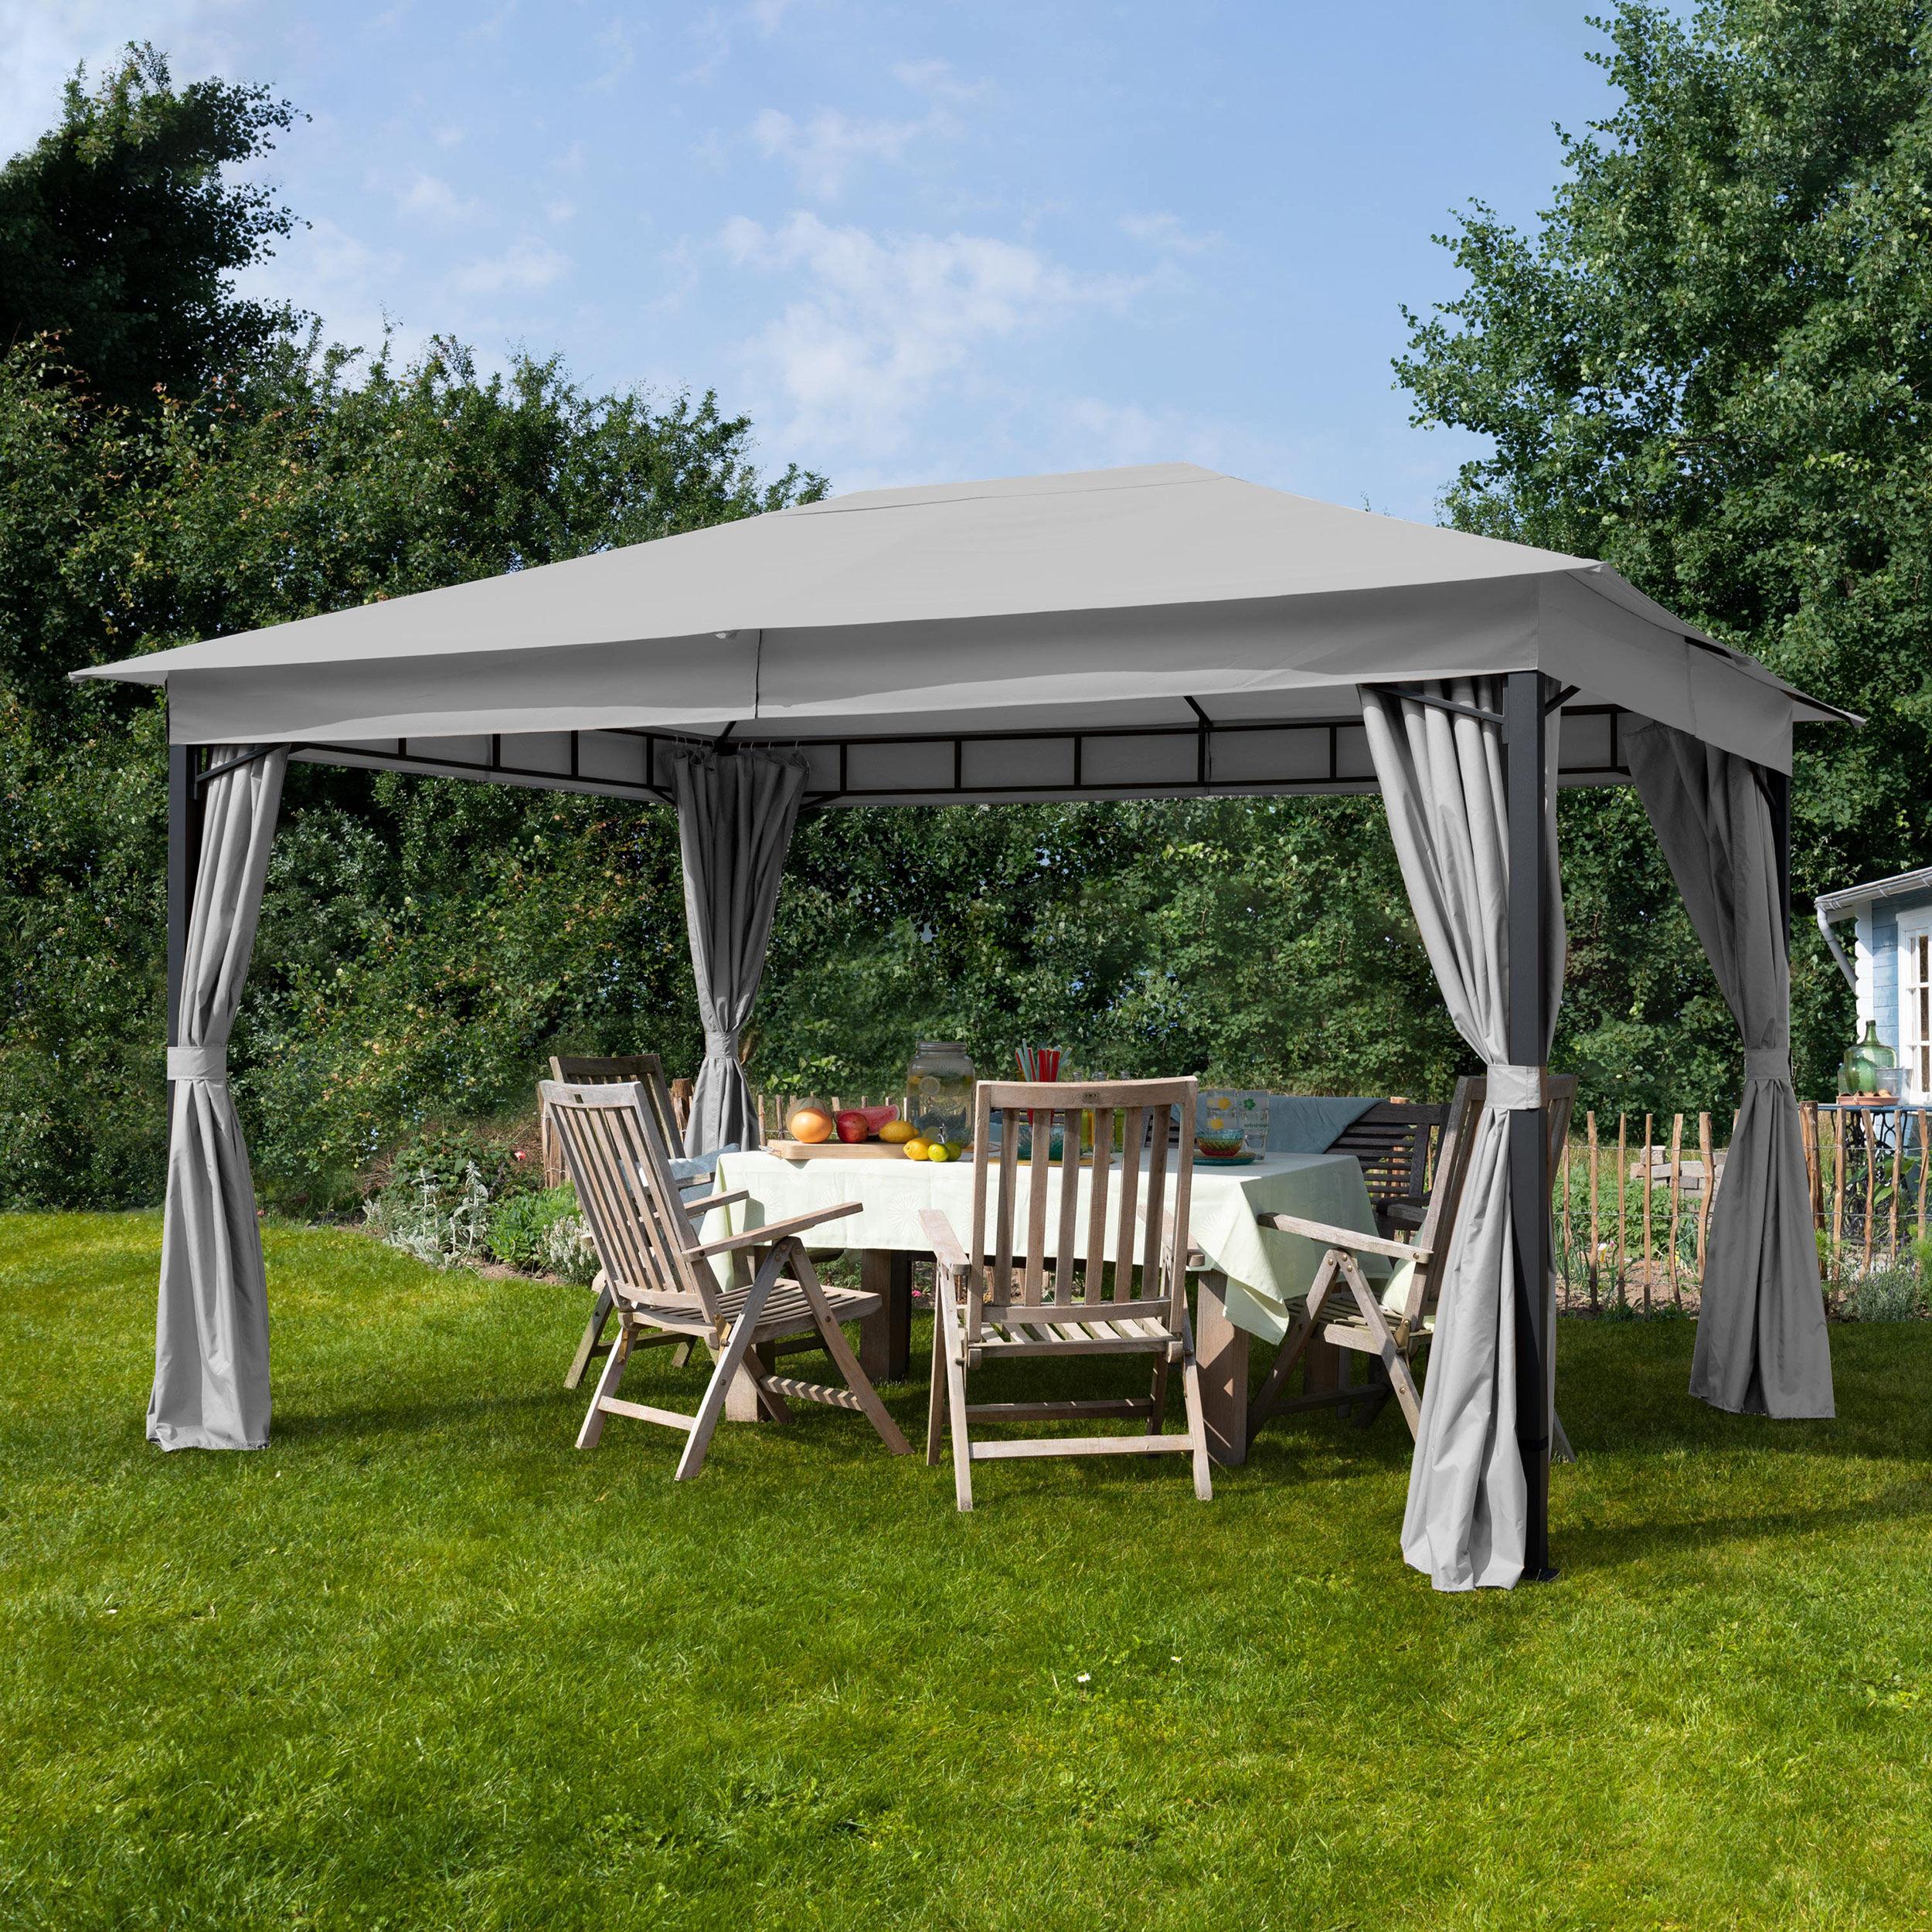 toolport gazebo da giardino 3x4m poliestere con rivestimento in pu 180 g/m² grigio impermeabile